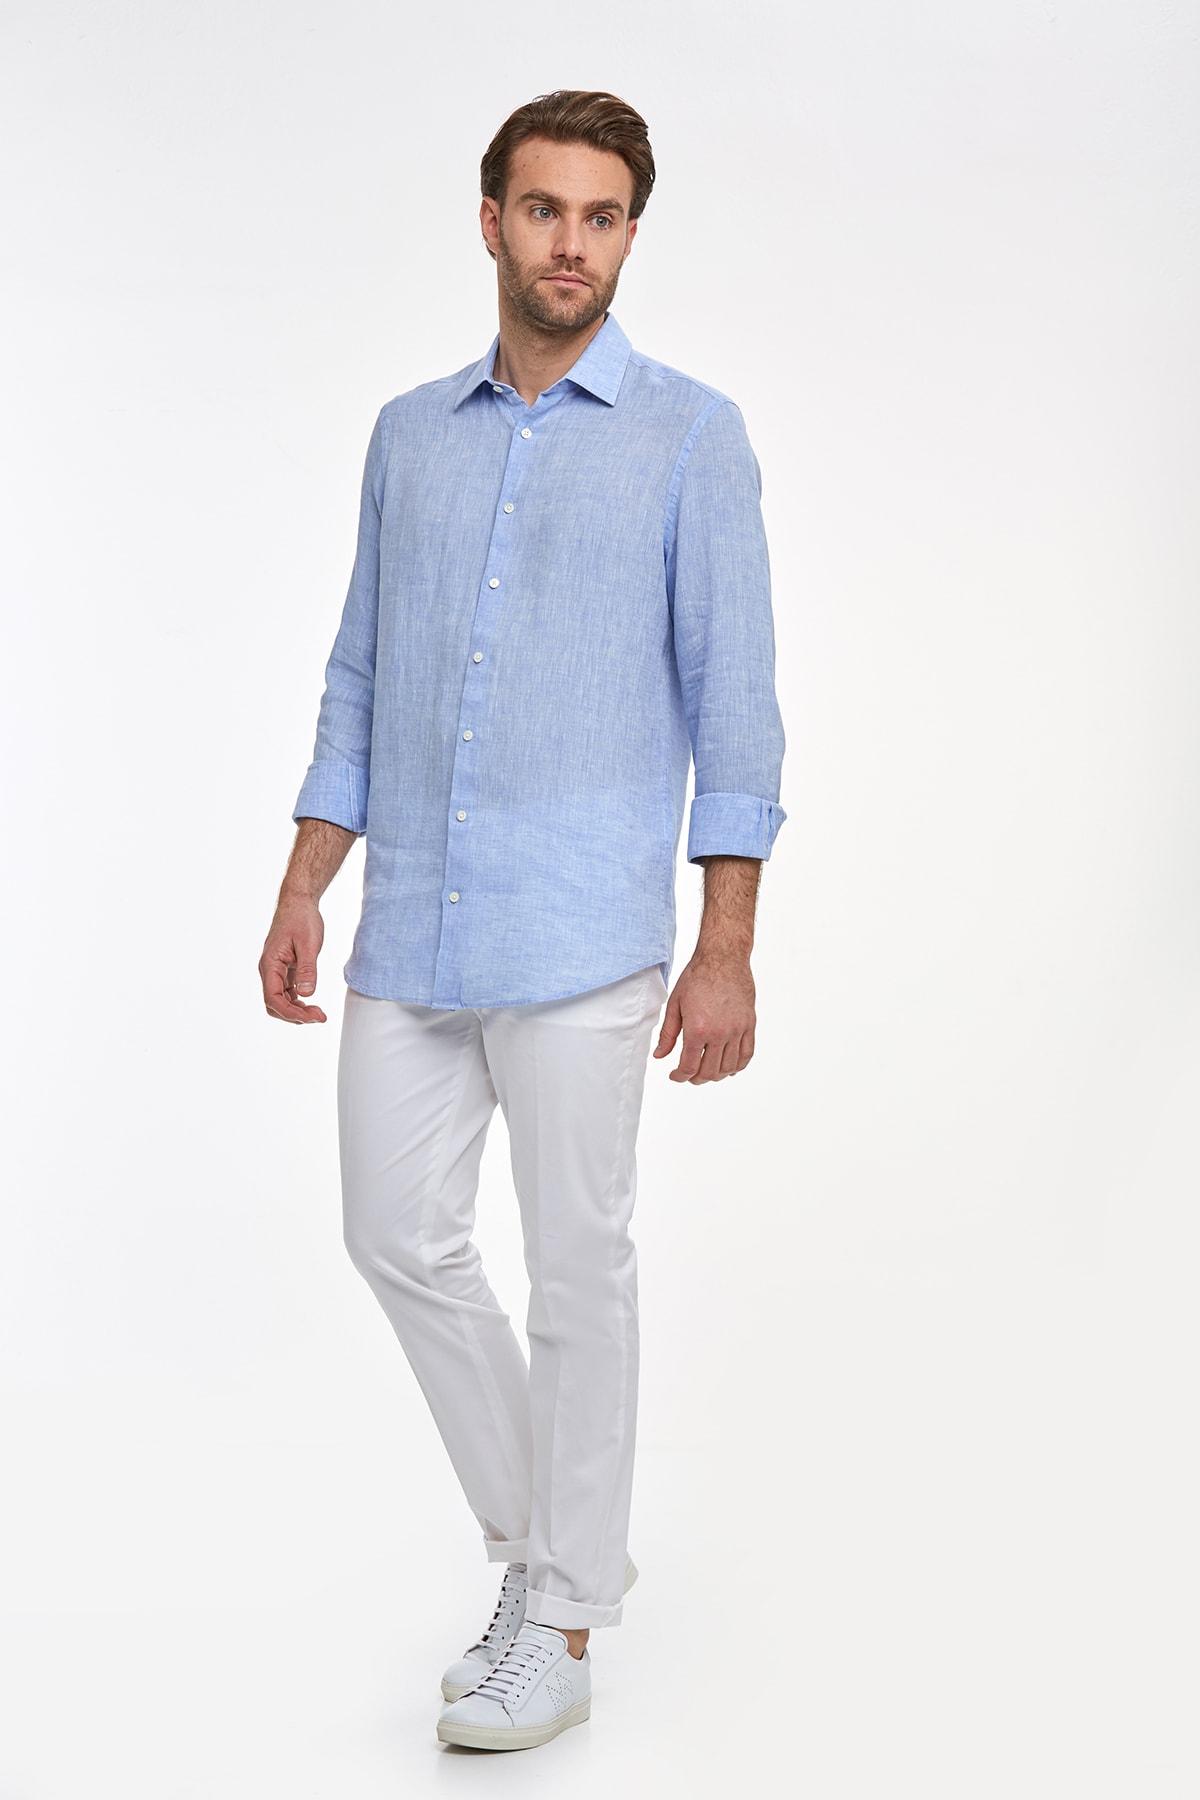 Hemington Erkek Açık Mavi Saf Keten Gömlek 2